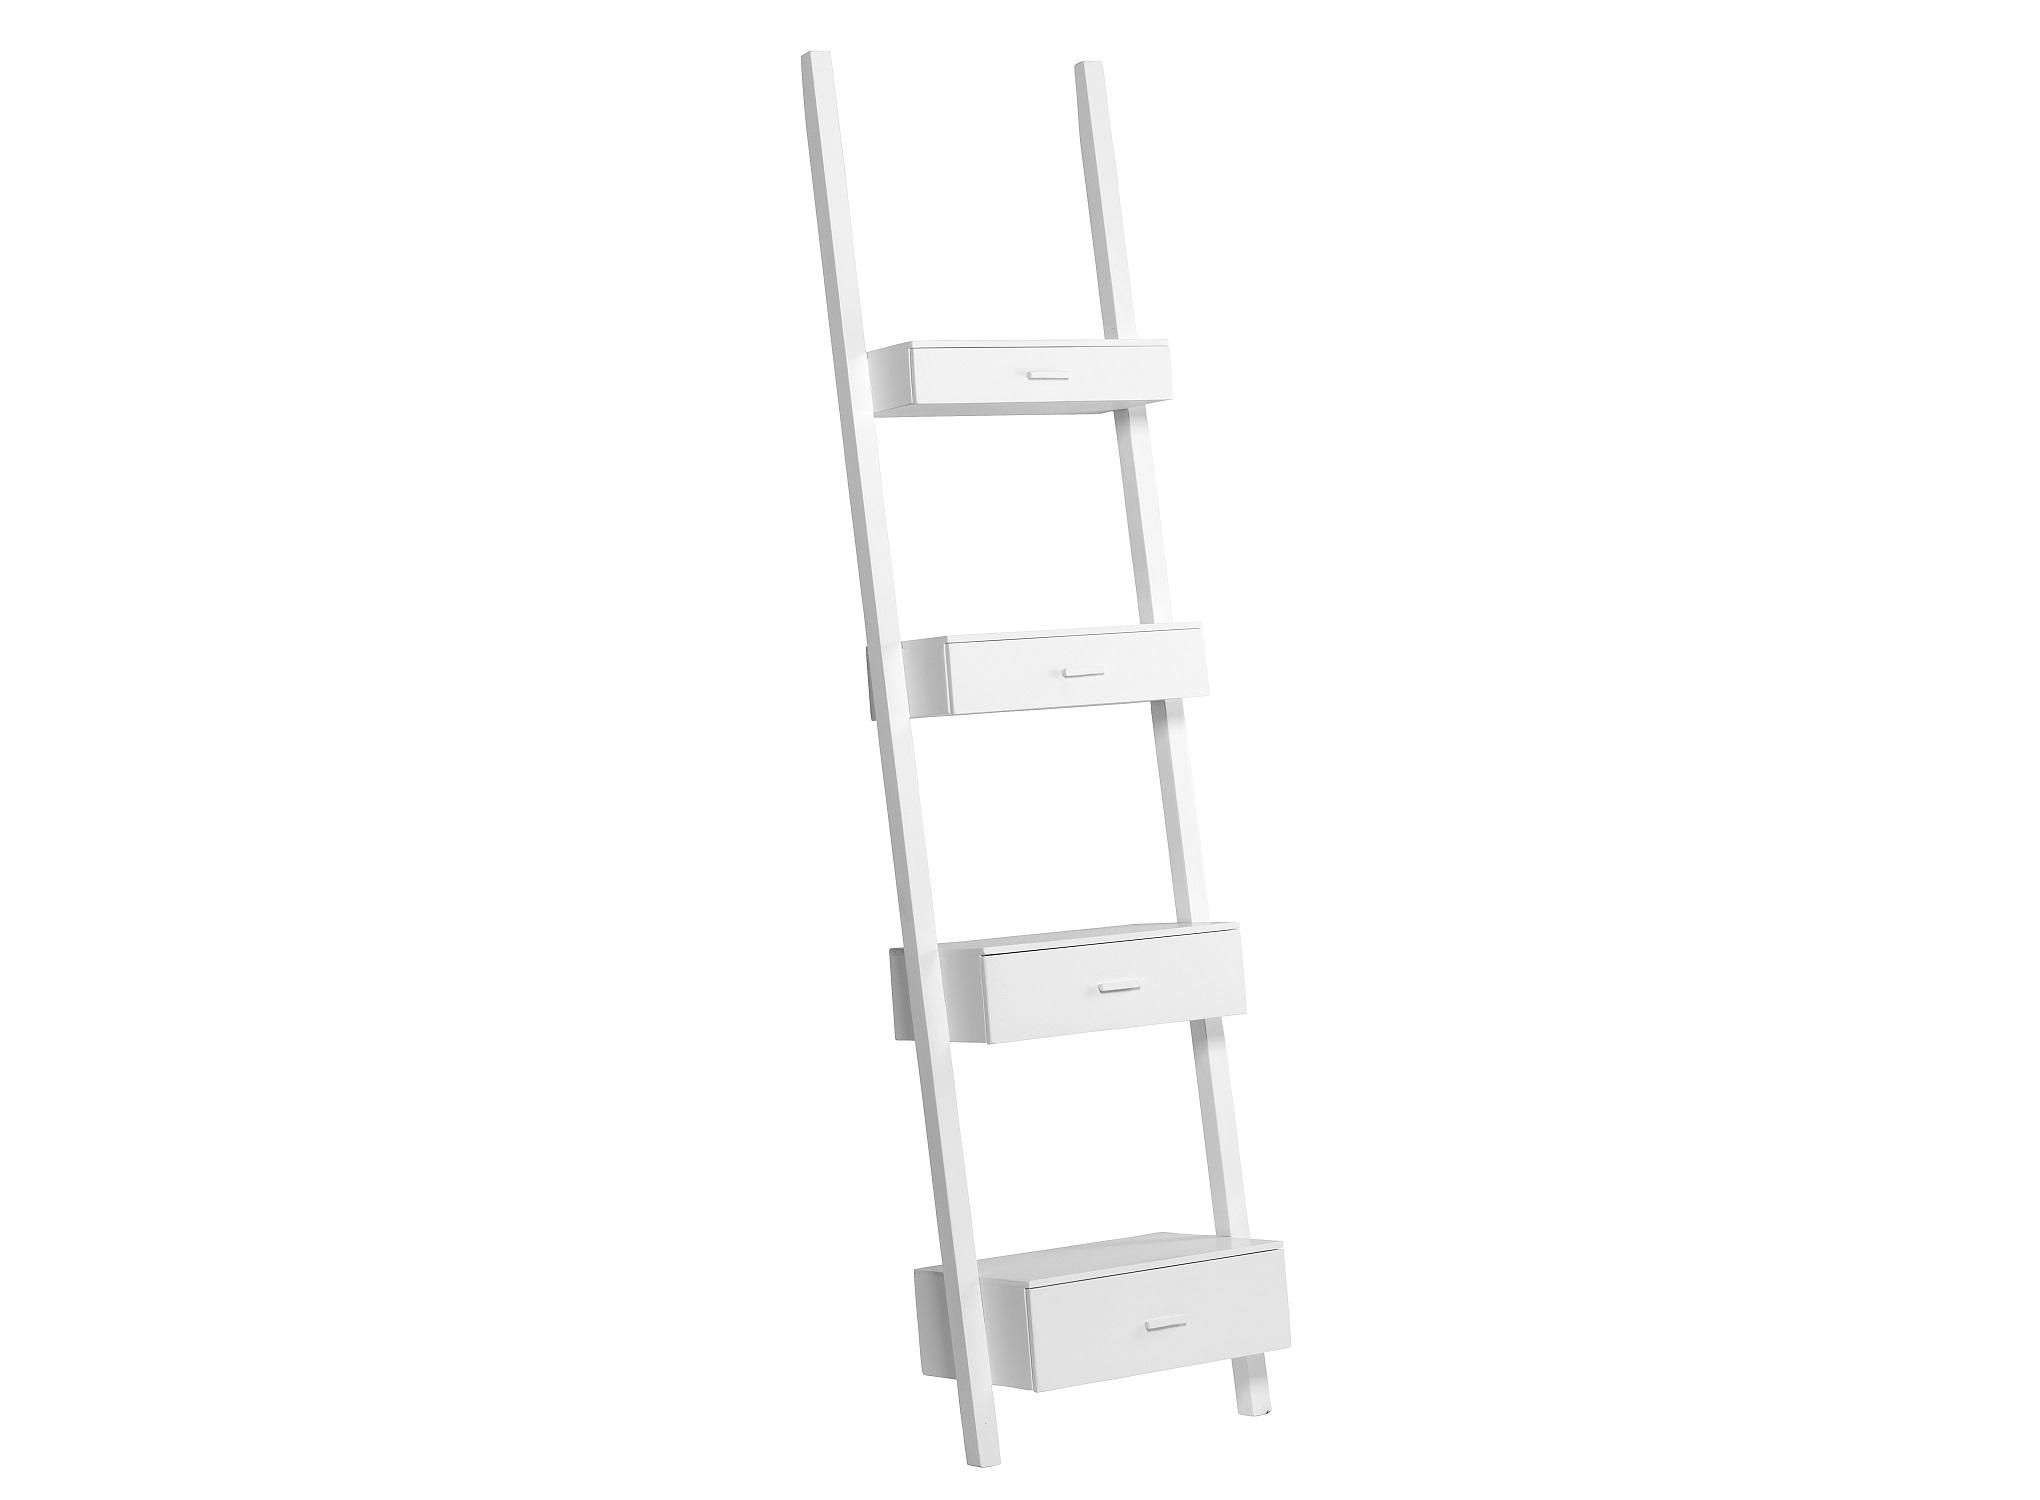 Лестница BELLAСтеллажи и этажерки<br>Лестница предназначена для декоративного использования.&amp;amp;nbsp;<br><br>Material: Дерево<br>Ширина см: 45<br>Высота см: 185<br>Глубина см: 28